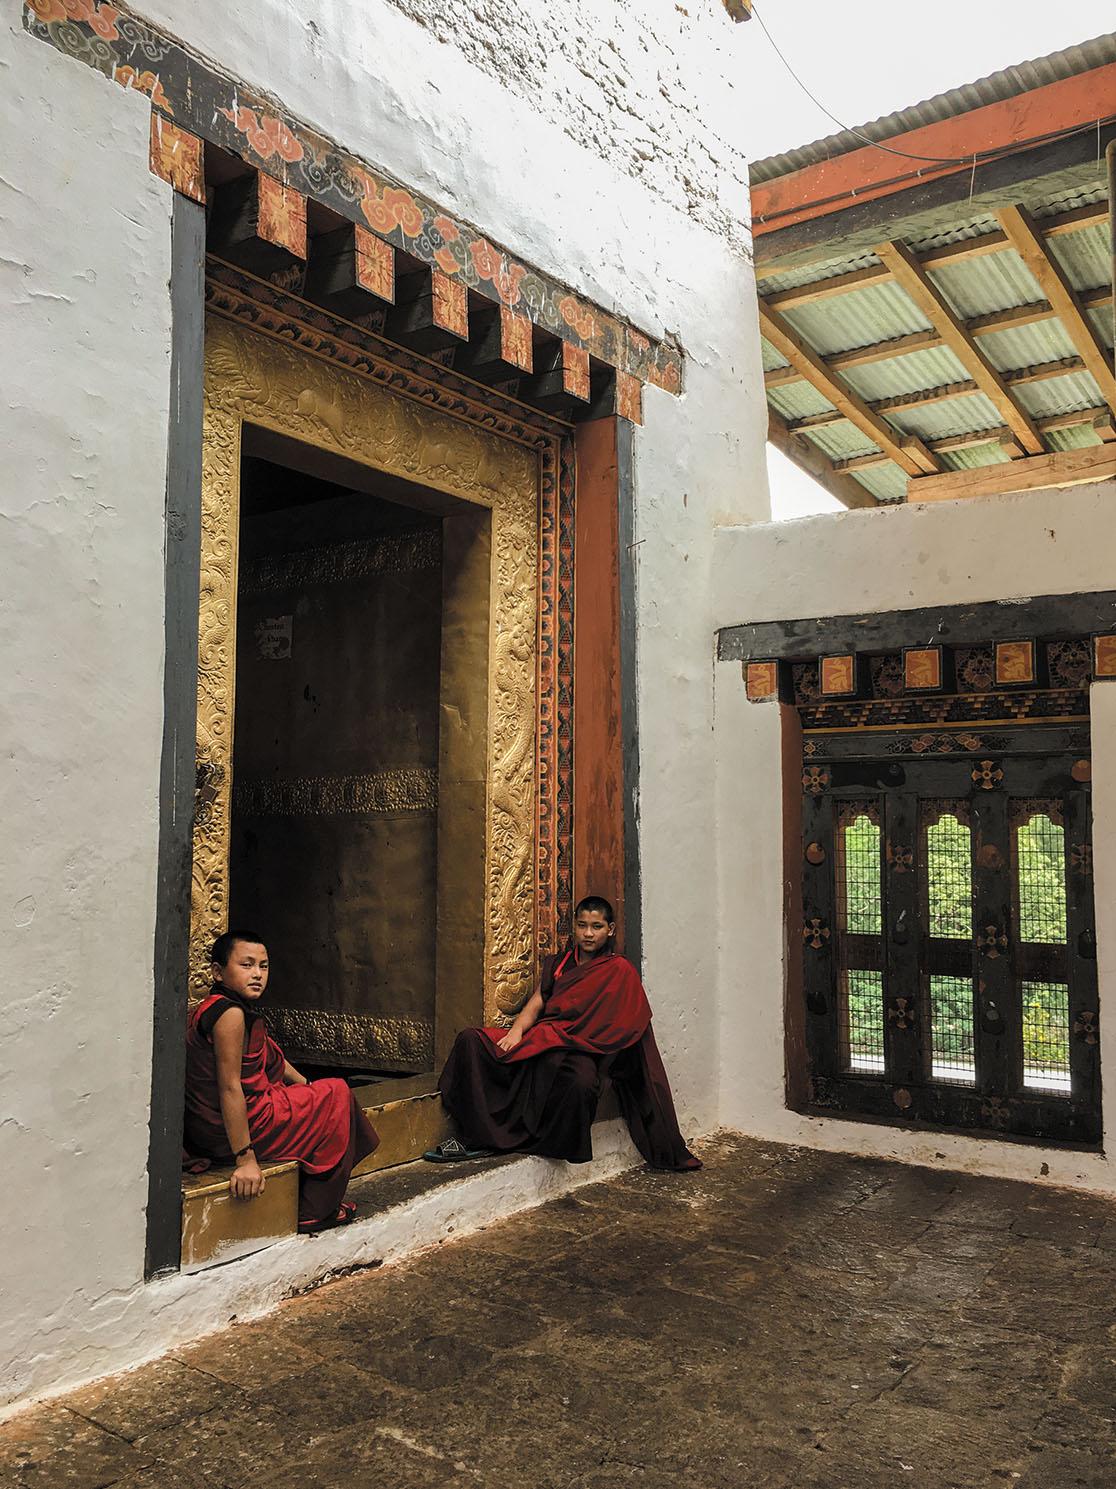 プナカ・ゾンの寺院脇にて。